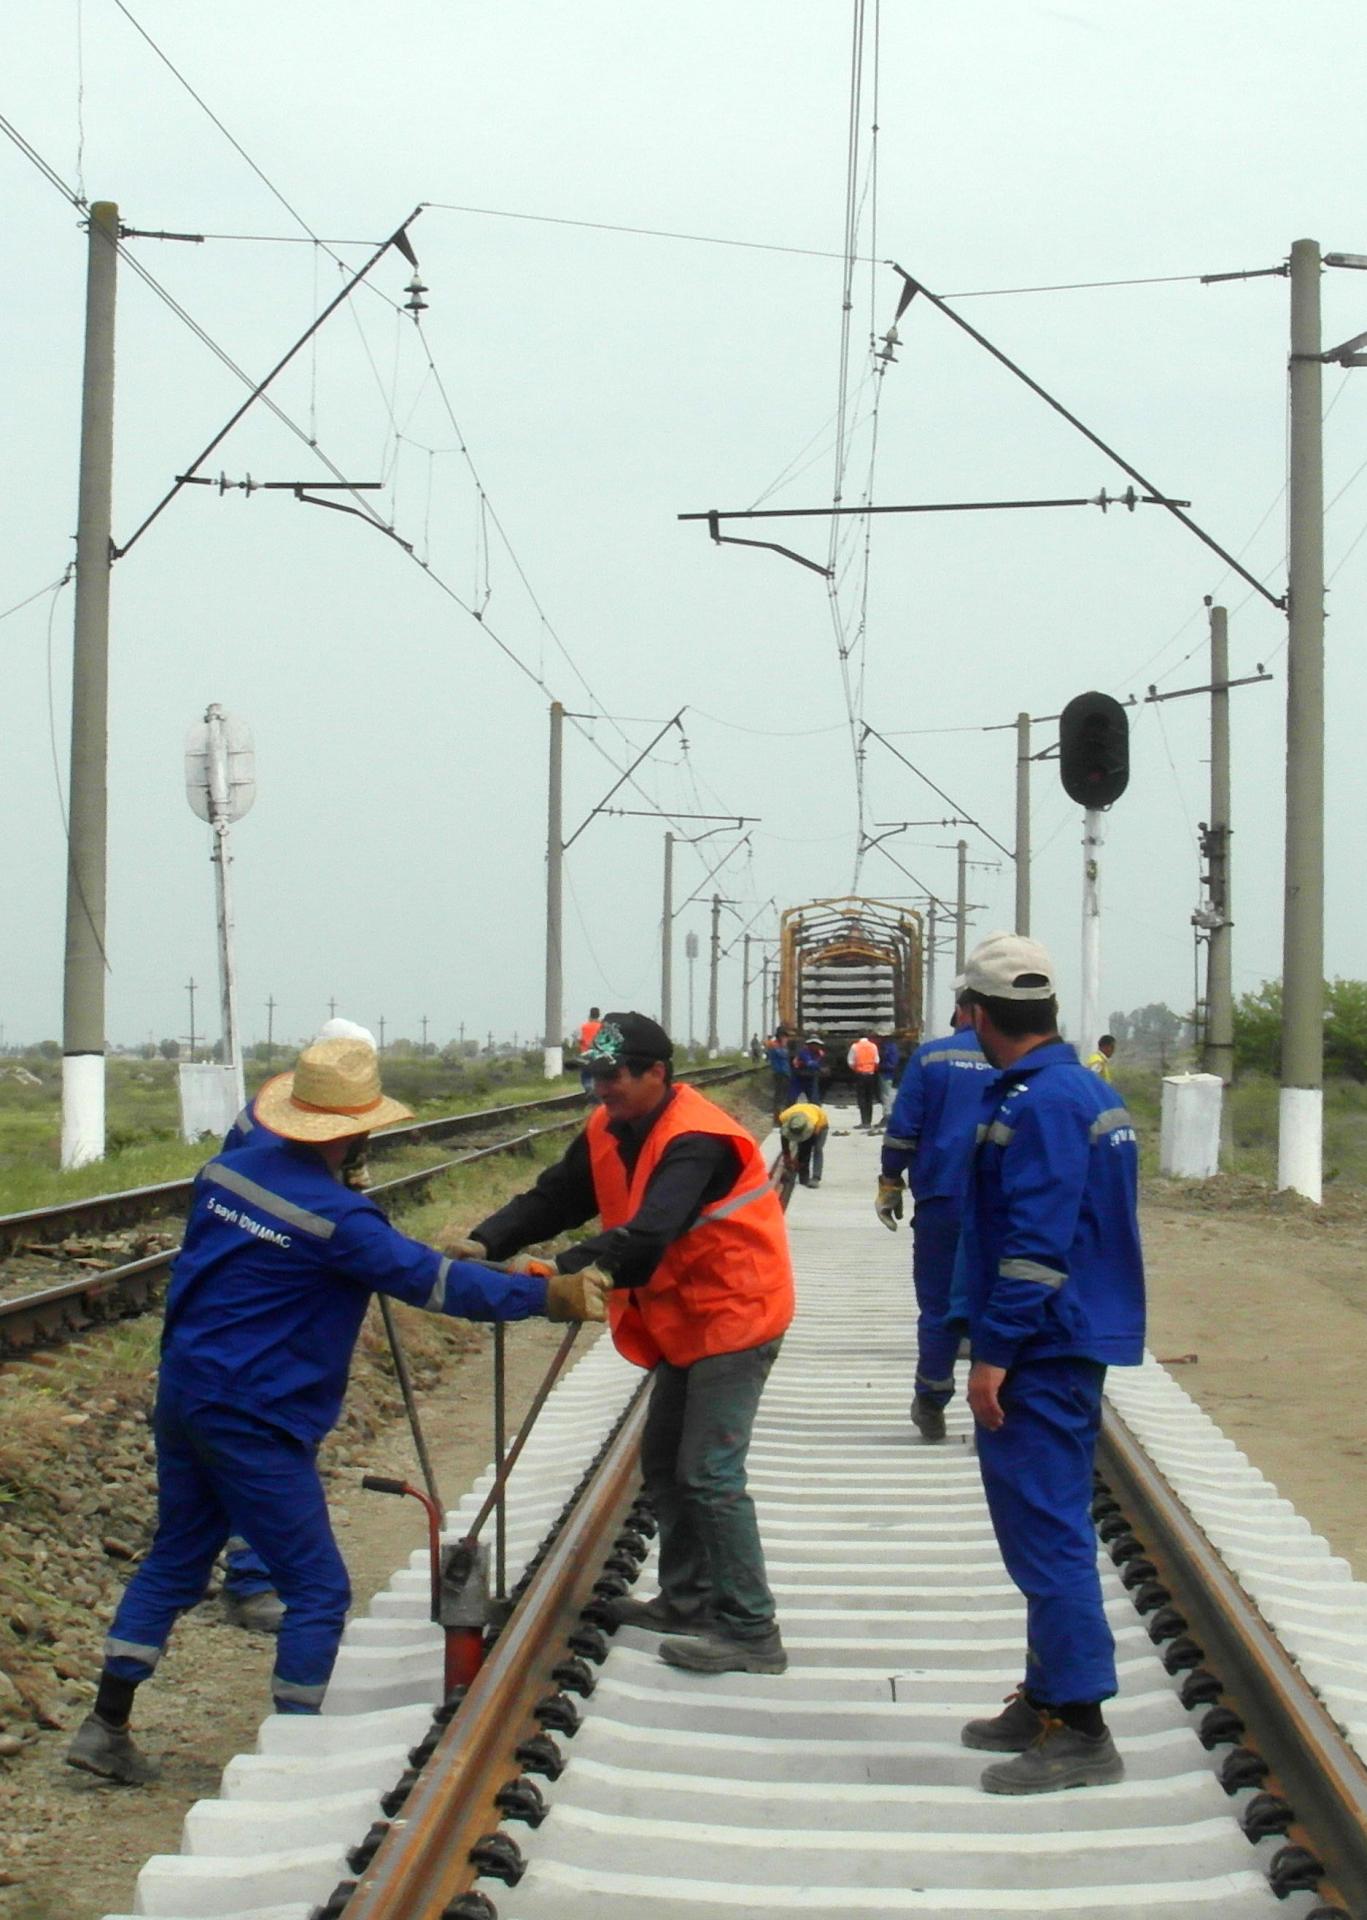 Ucar-Əlikənd mənzilində 6 km dəmir yolu əsaslı təmir olunur (FOTO) - Gallery Image